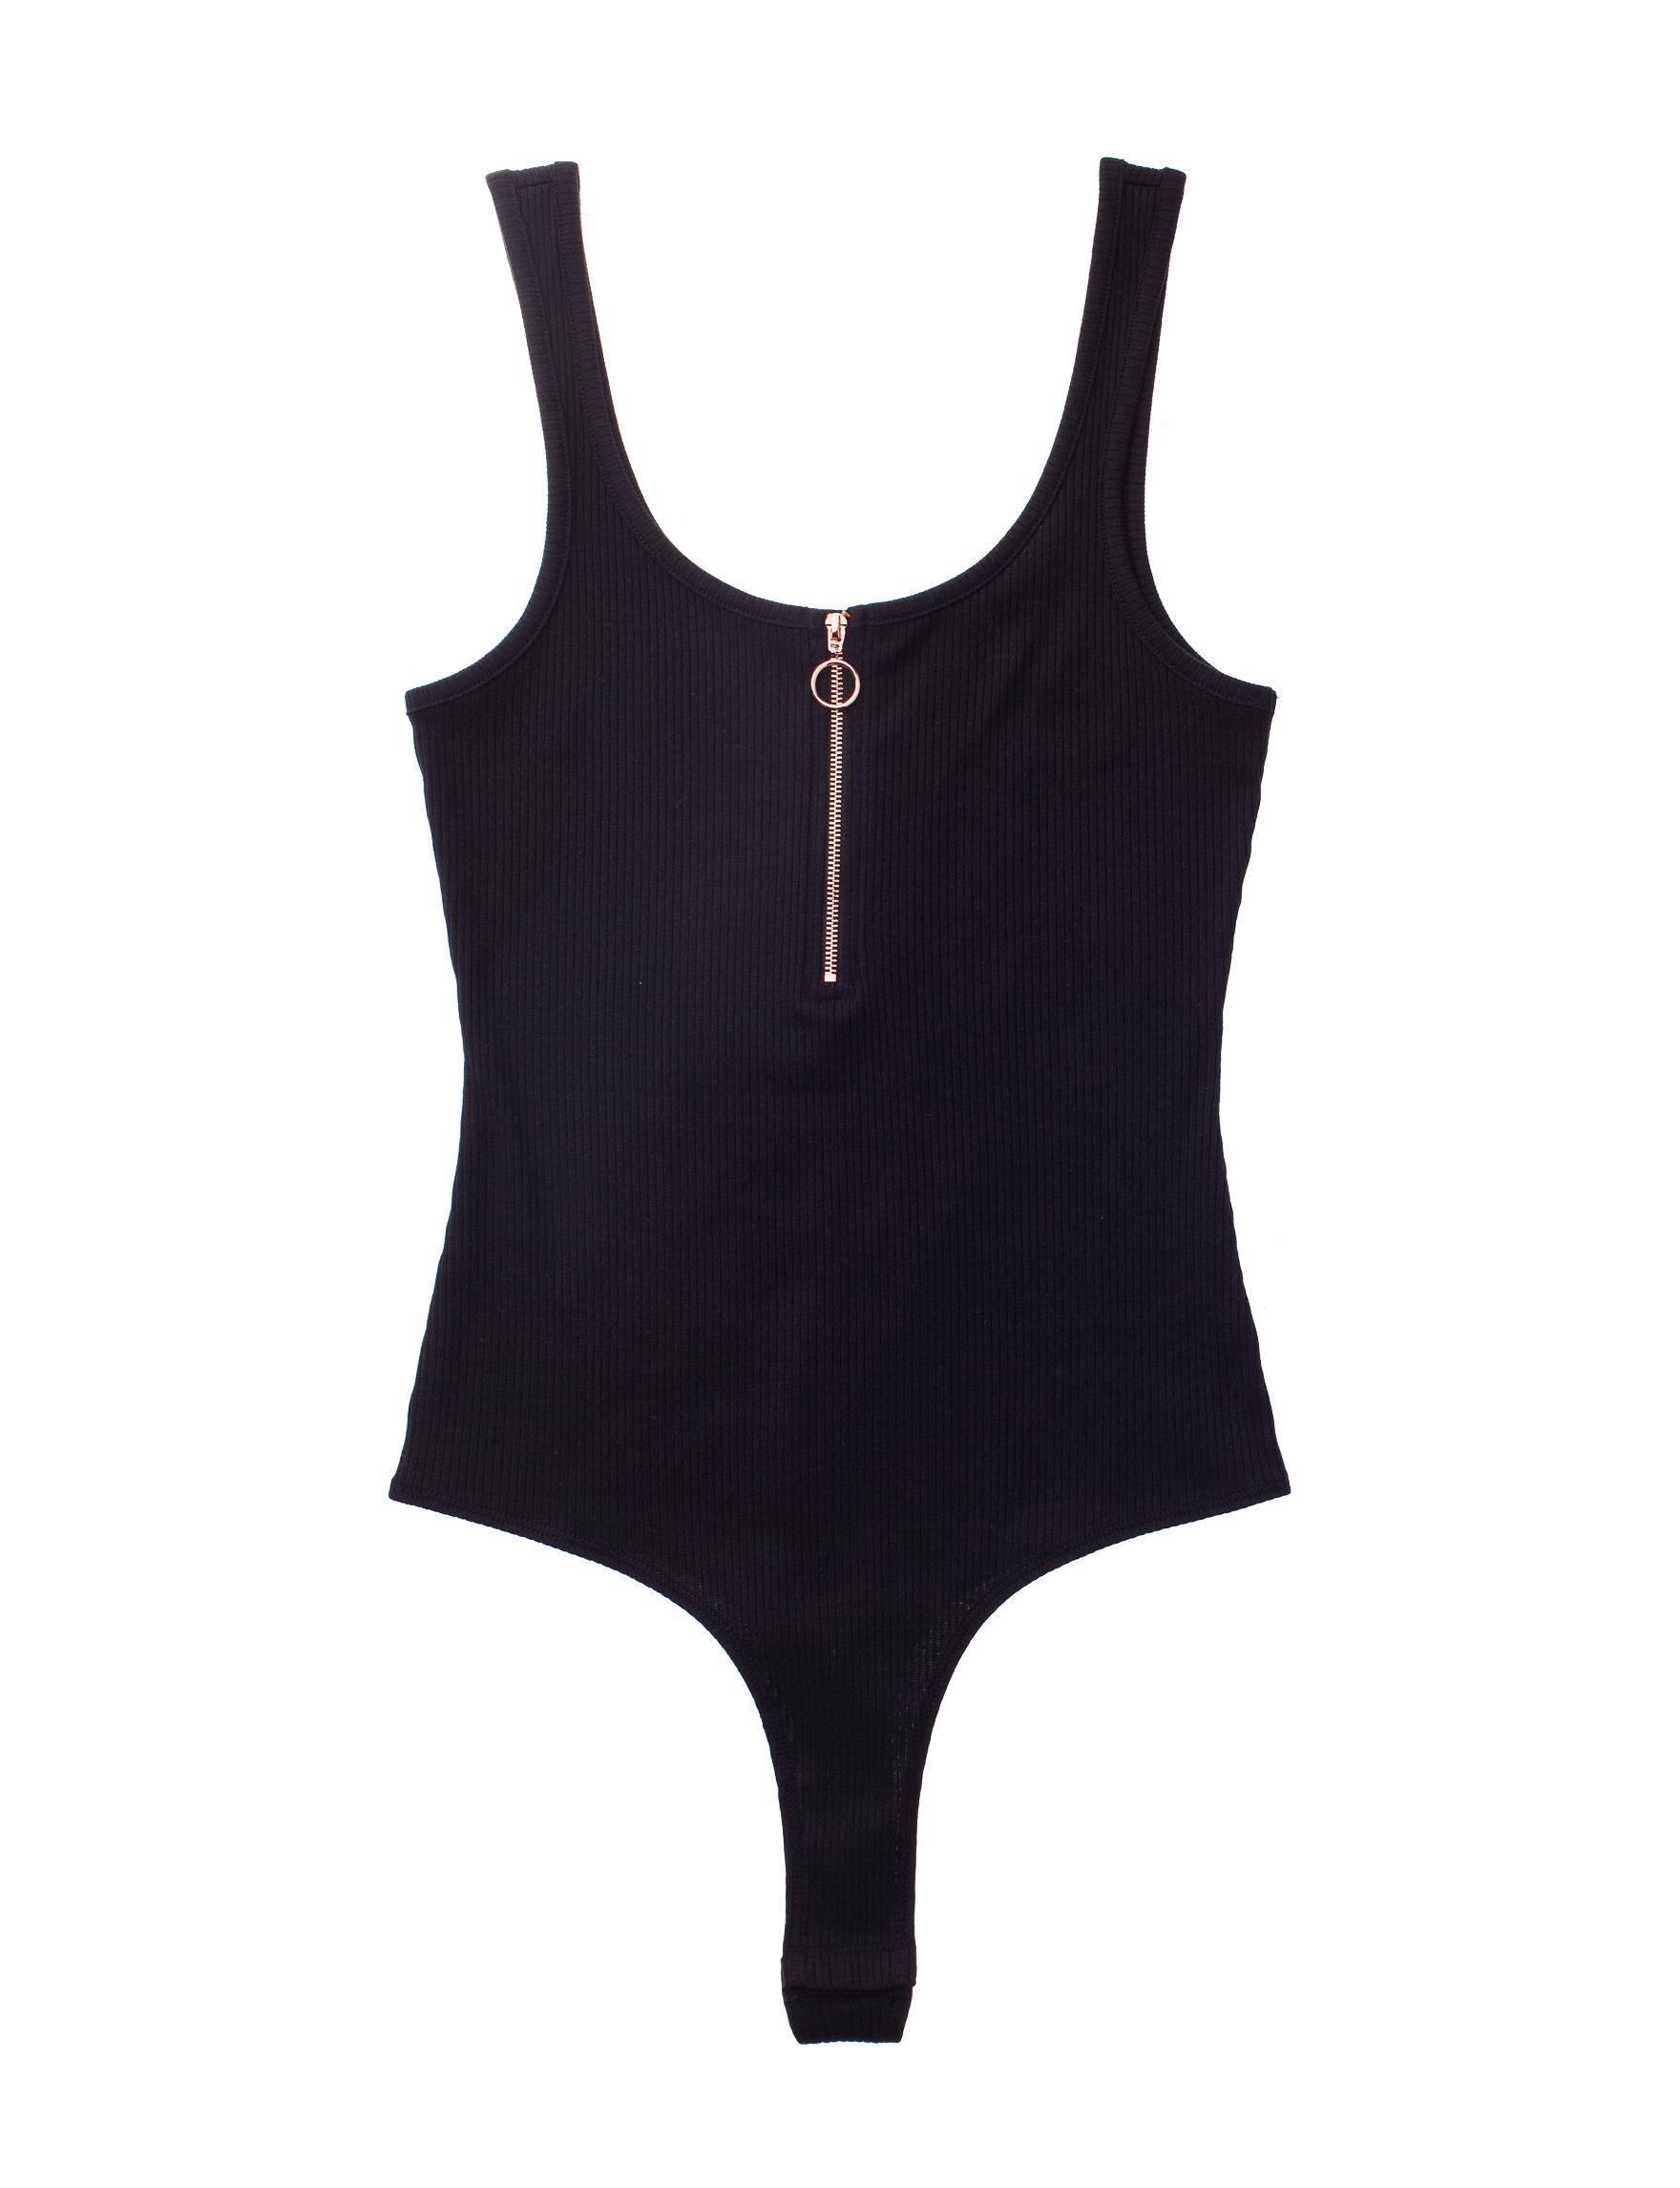 Wishful Park Black Bodysuit